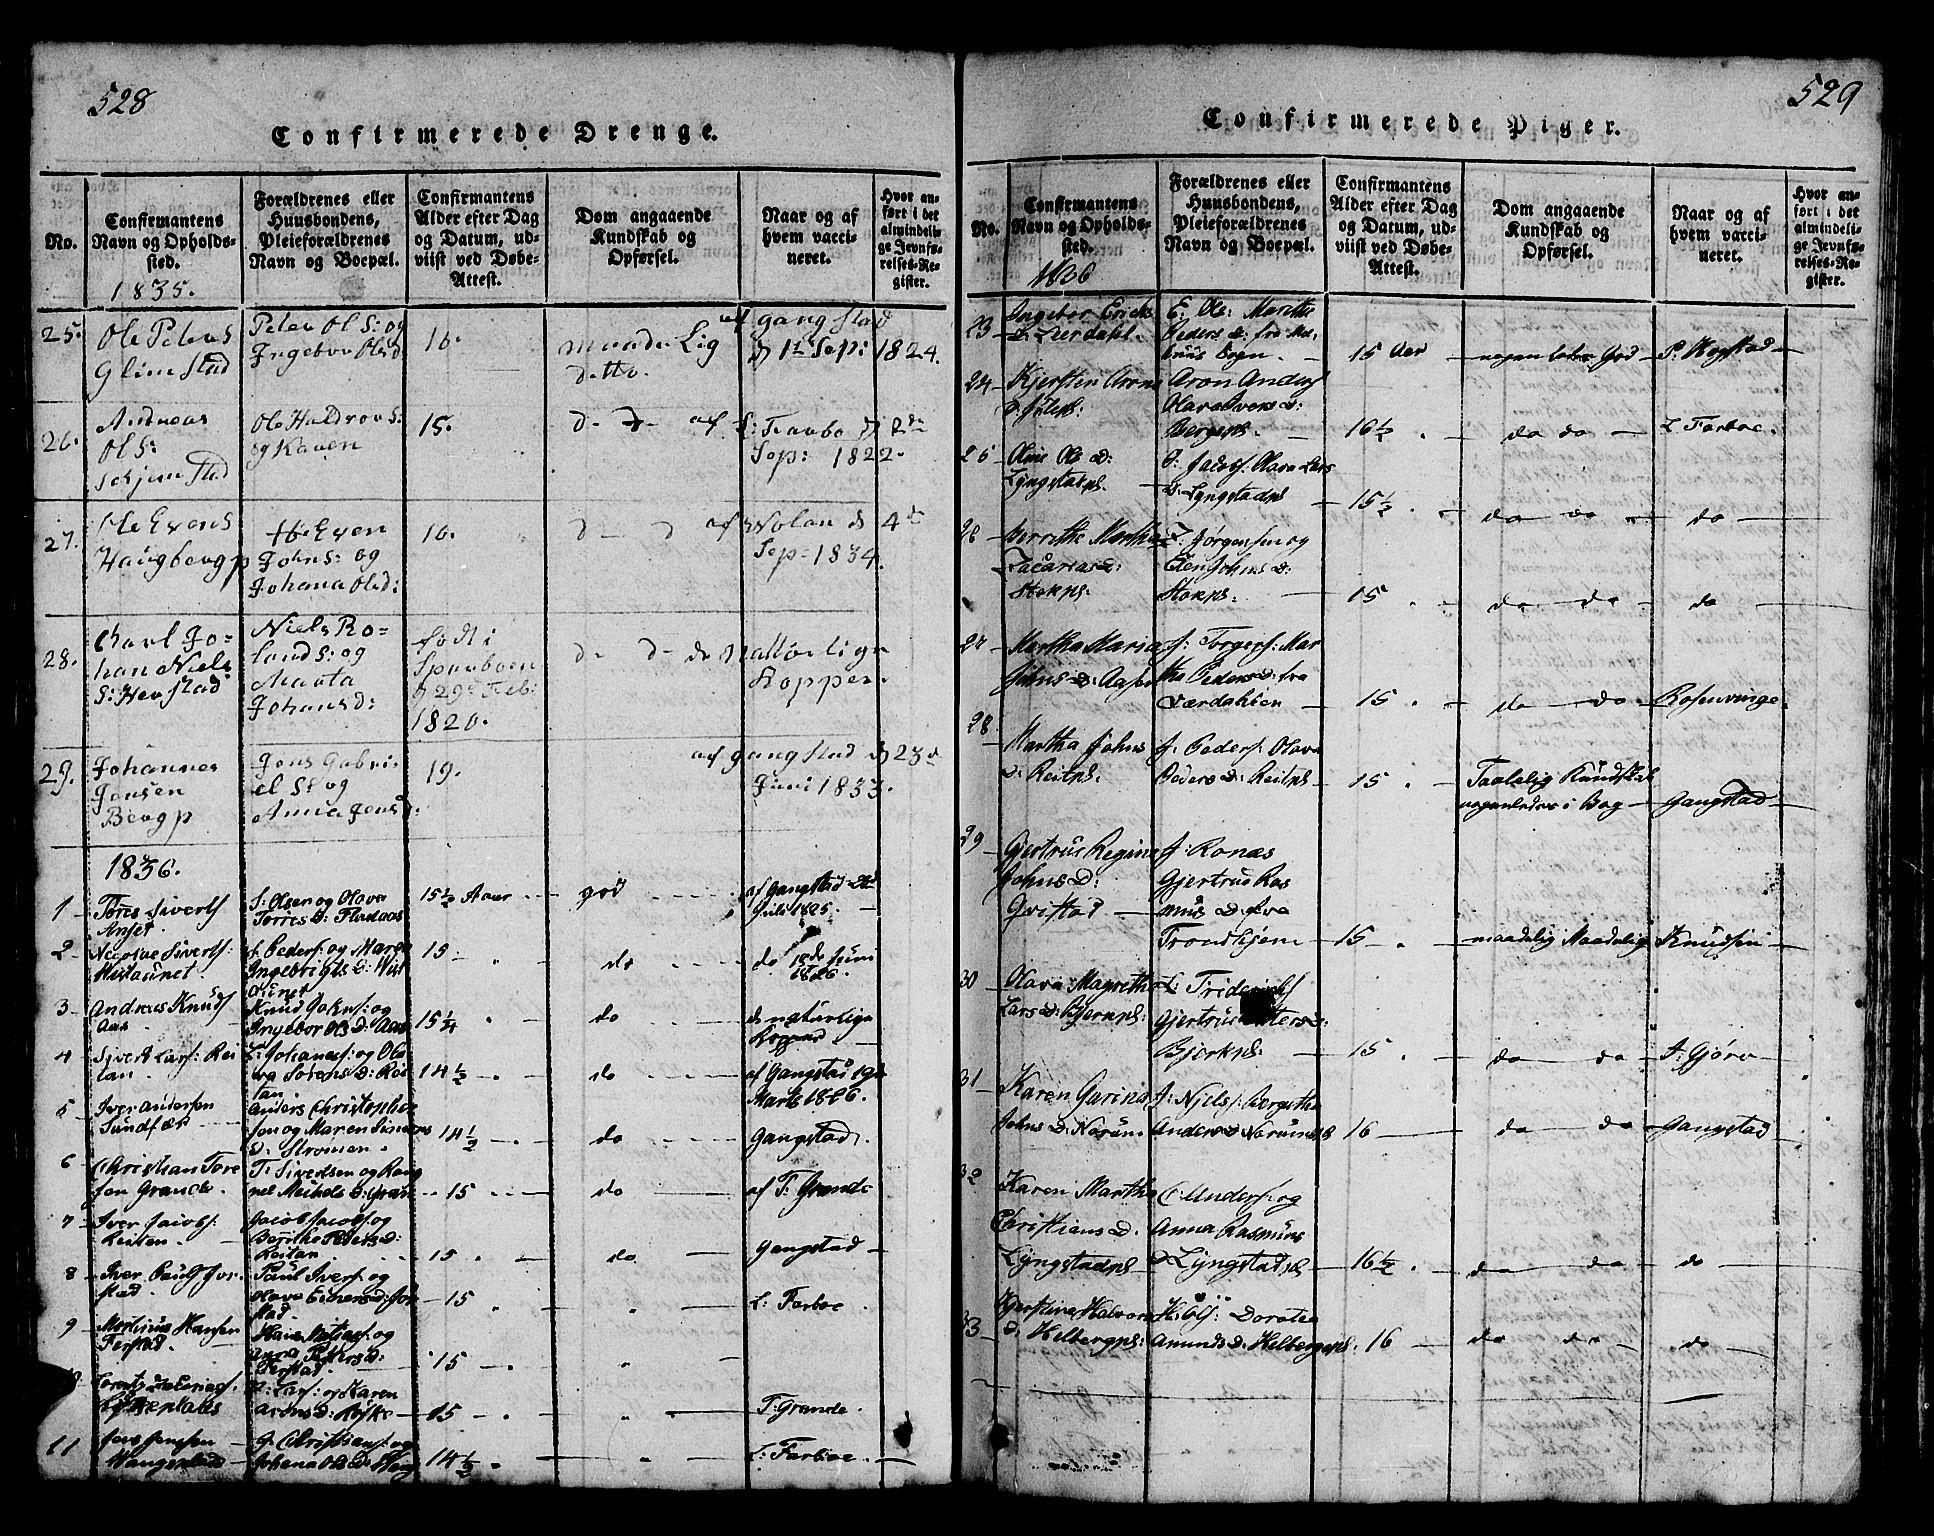 SAT, Ministerialprotokoller, klokkerbøker og fødselsregistre - Nord-Trøndelag, 730/L0298: Klokkerbok nr. 730C01, 1816-1849, s. 528-529